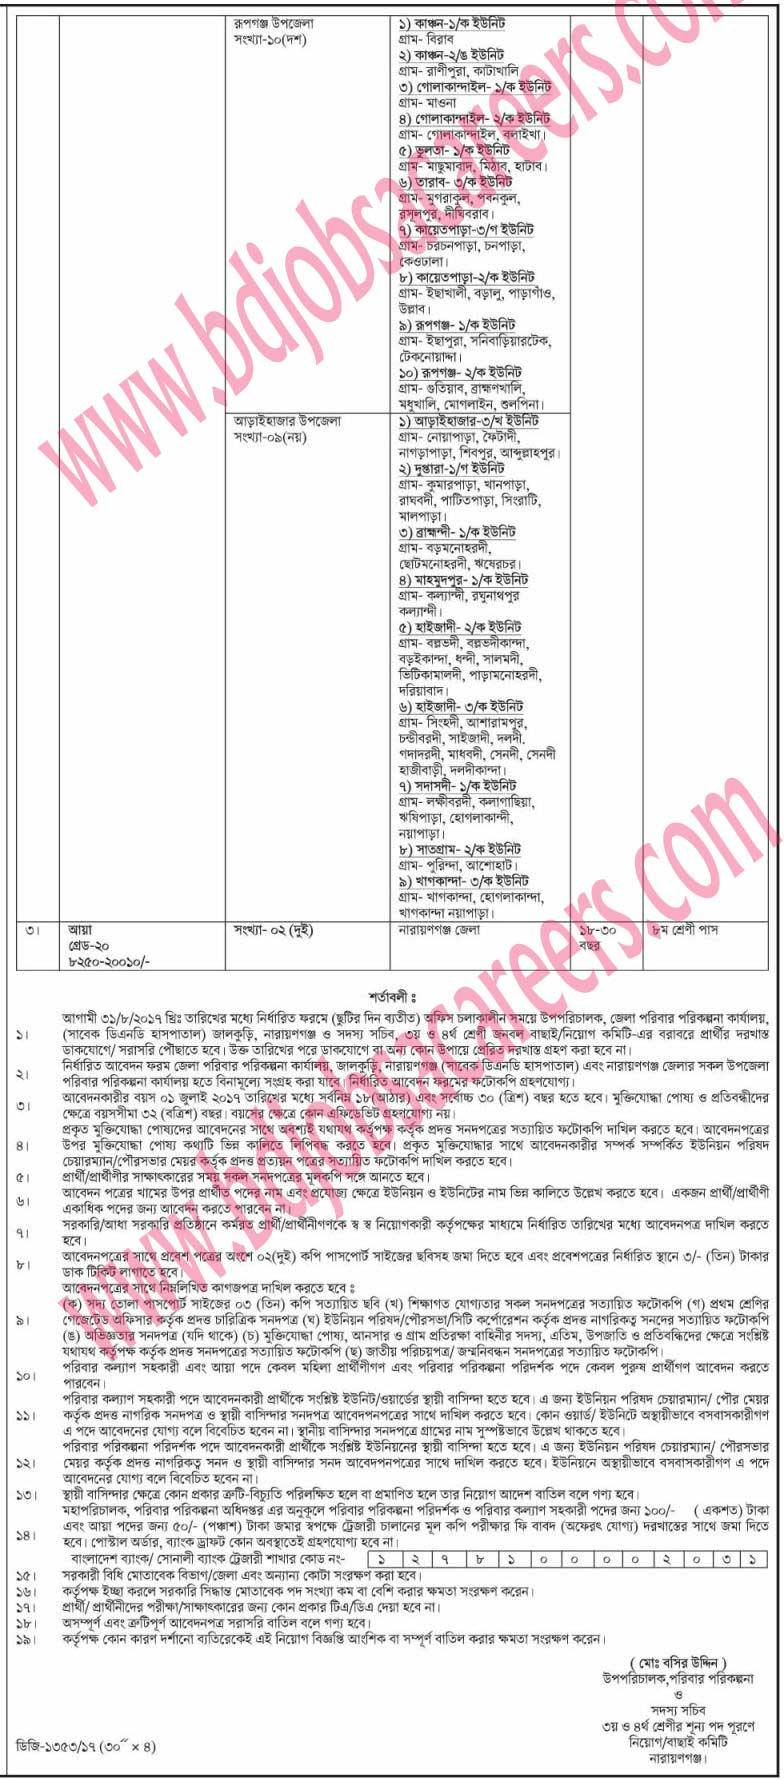 Narayanganj District Family Planning Office Job Circular 2017-1